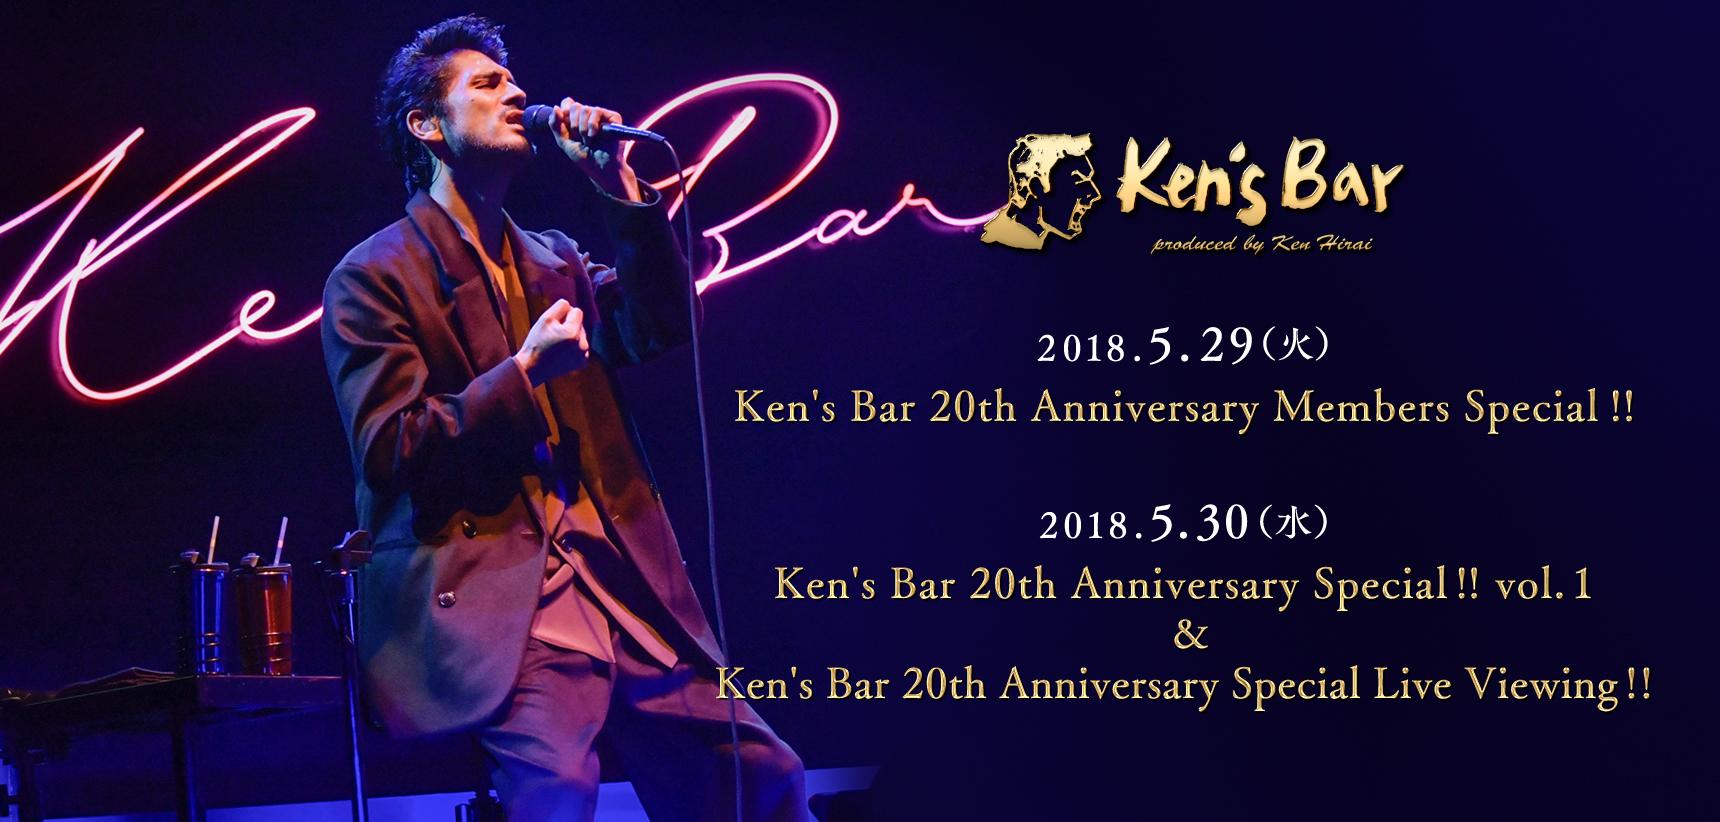 平井堅コンセプト・ライブ「Ken's Bar」20周年イヤーがいよいよスタート! プレミアムLIVEの開店が決定!